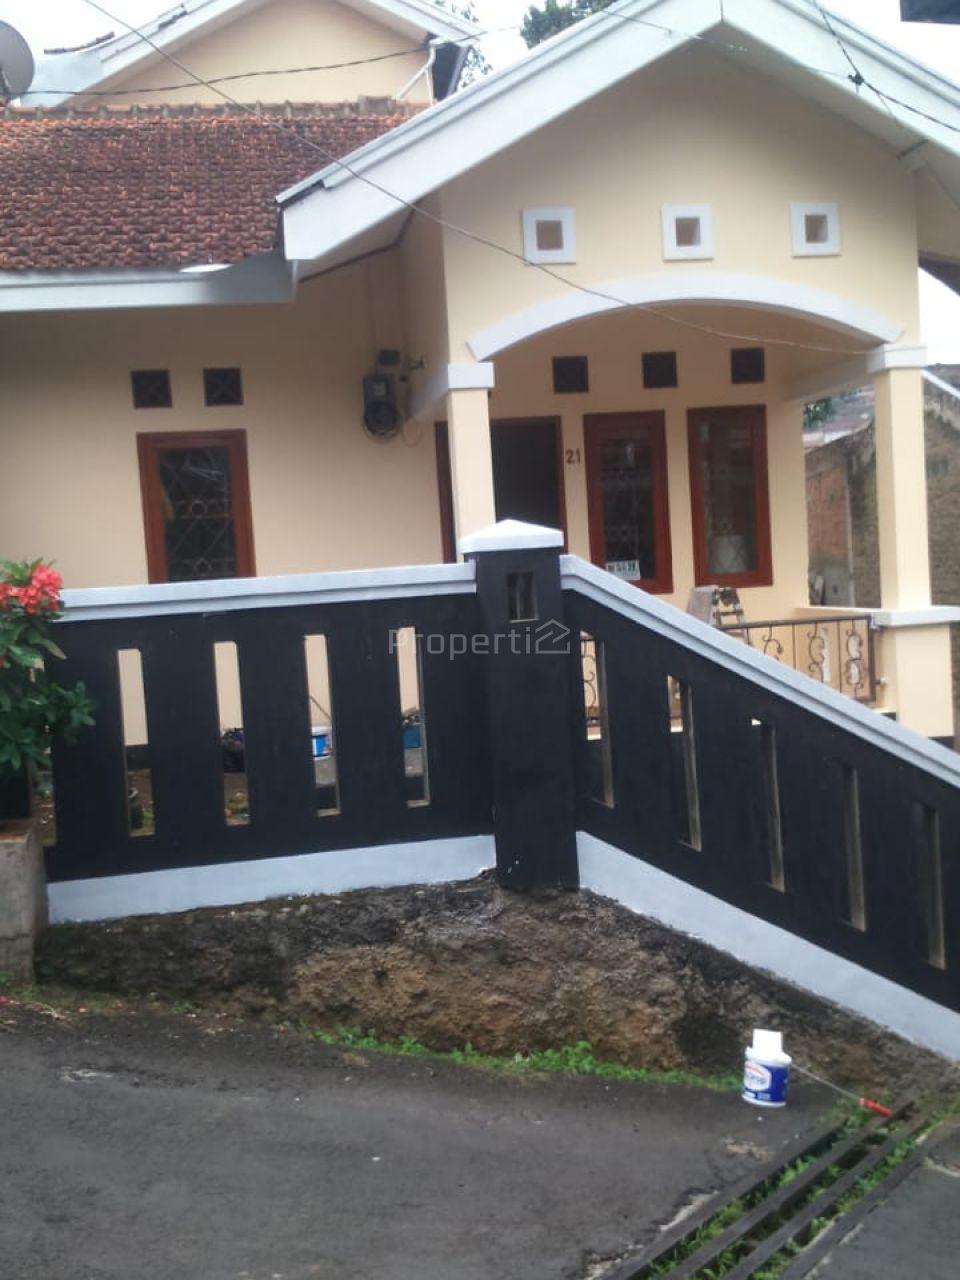 Rumah Sederhana di Bukit Ligar, Jawa Barat